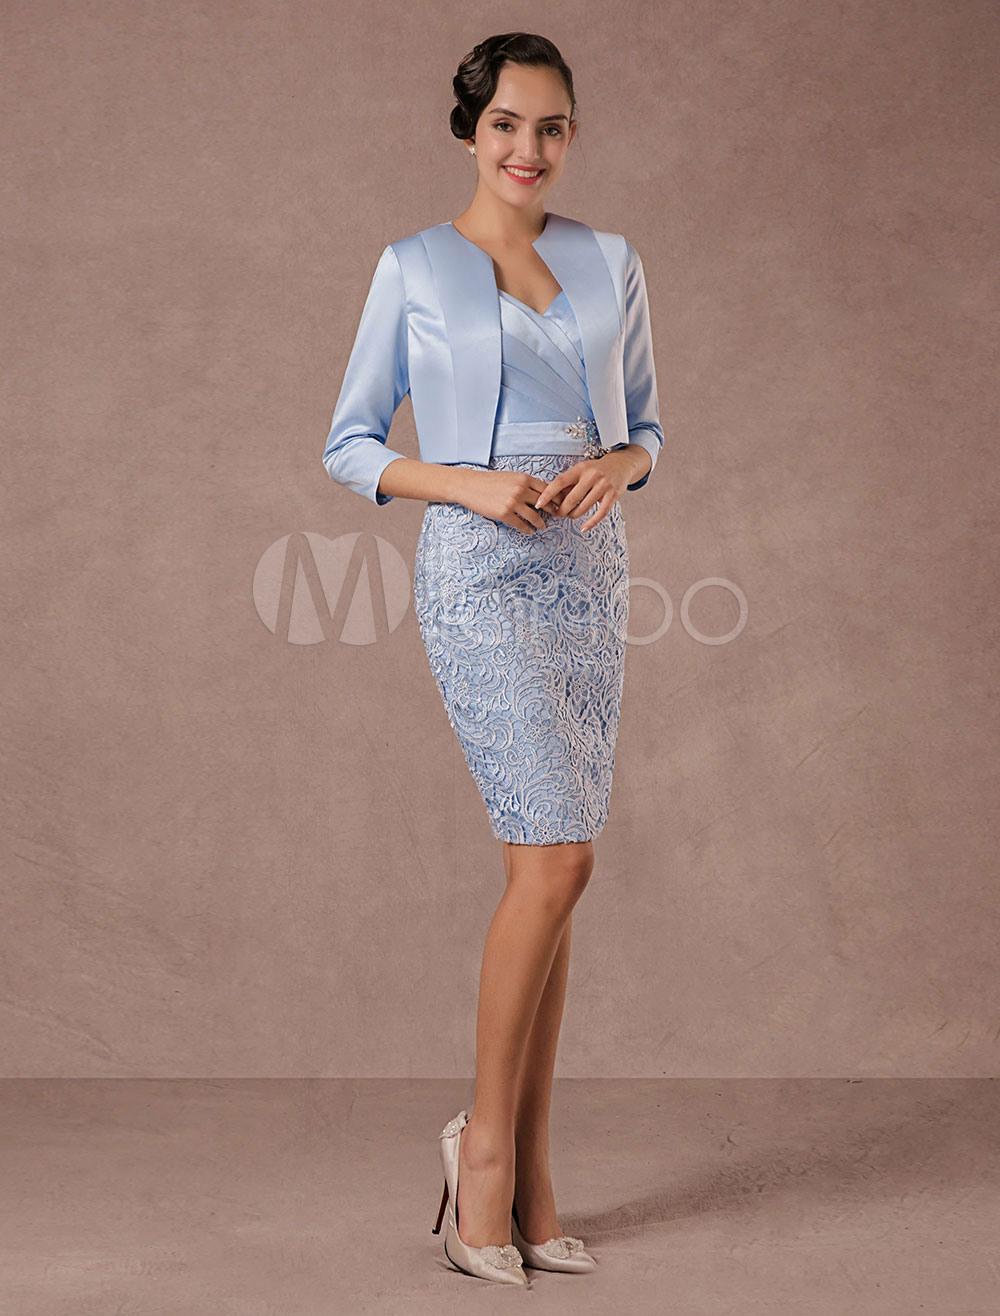 15 Wunderbar Festliche Kleider Zur Hochzeit Für Brautmutter Stylish10 Luxurius Festliche Kleider Zur Hochzeit Für Brautmutter Spezialgebiet